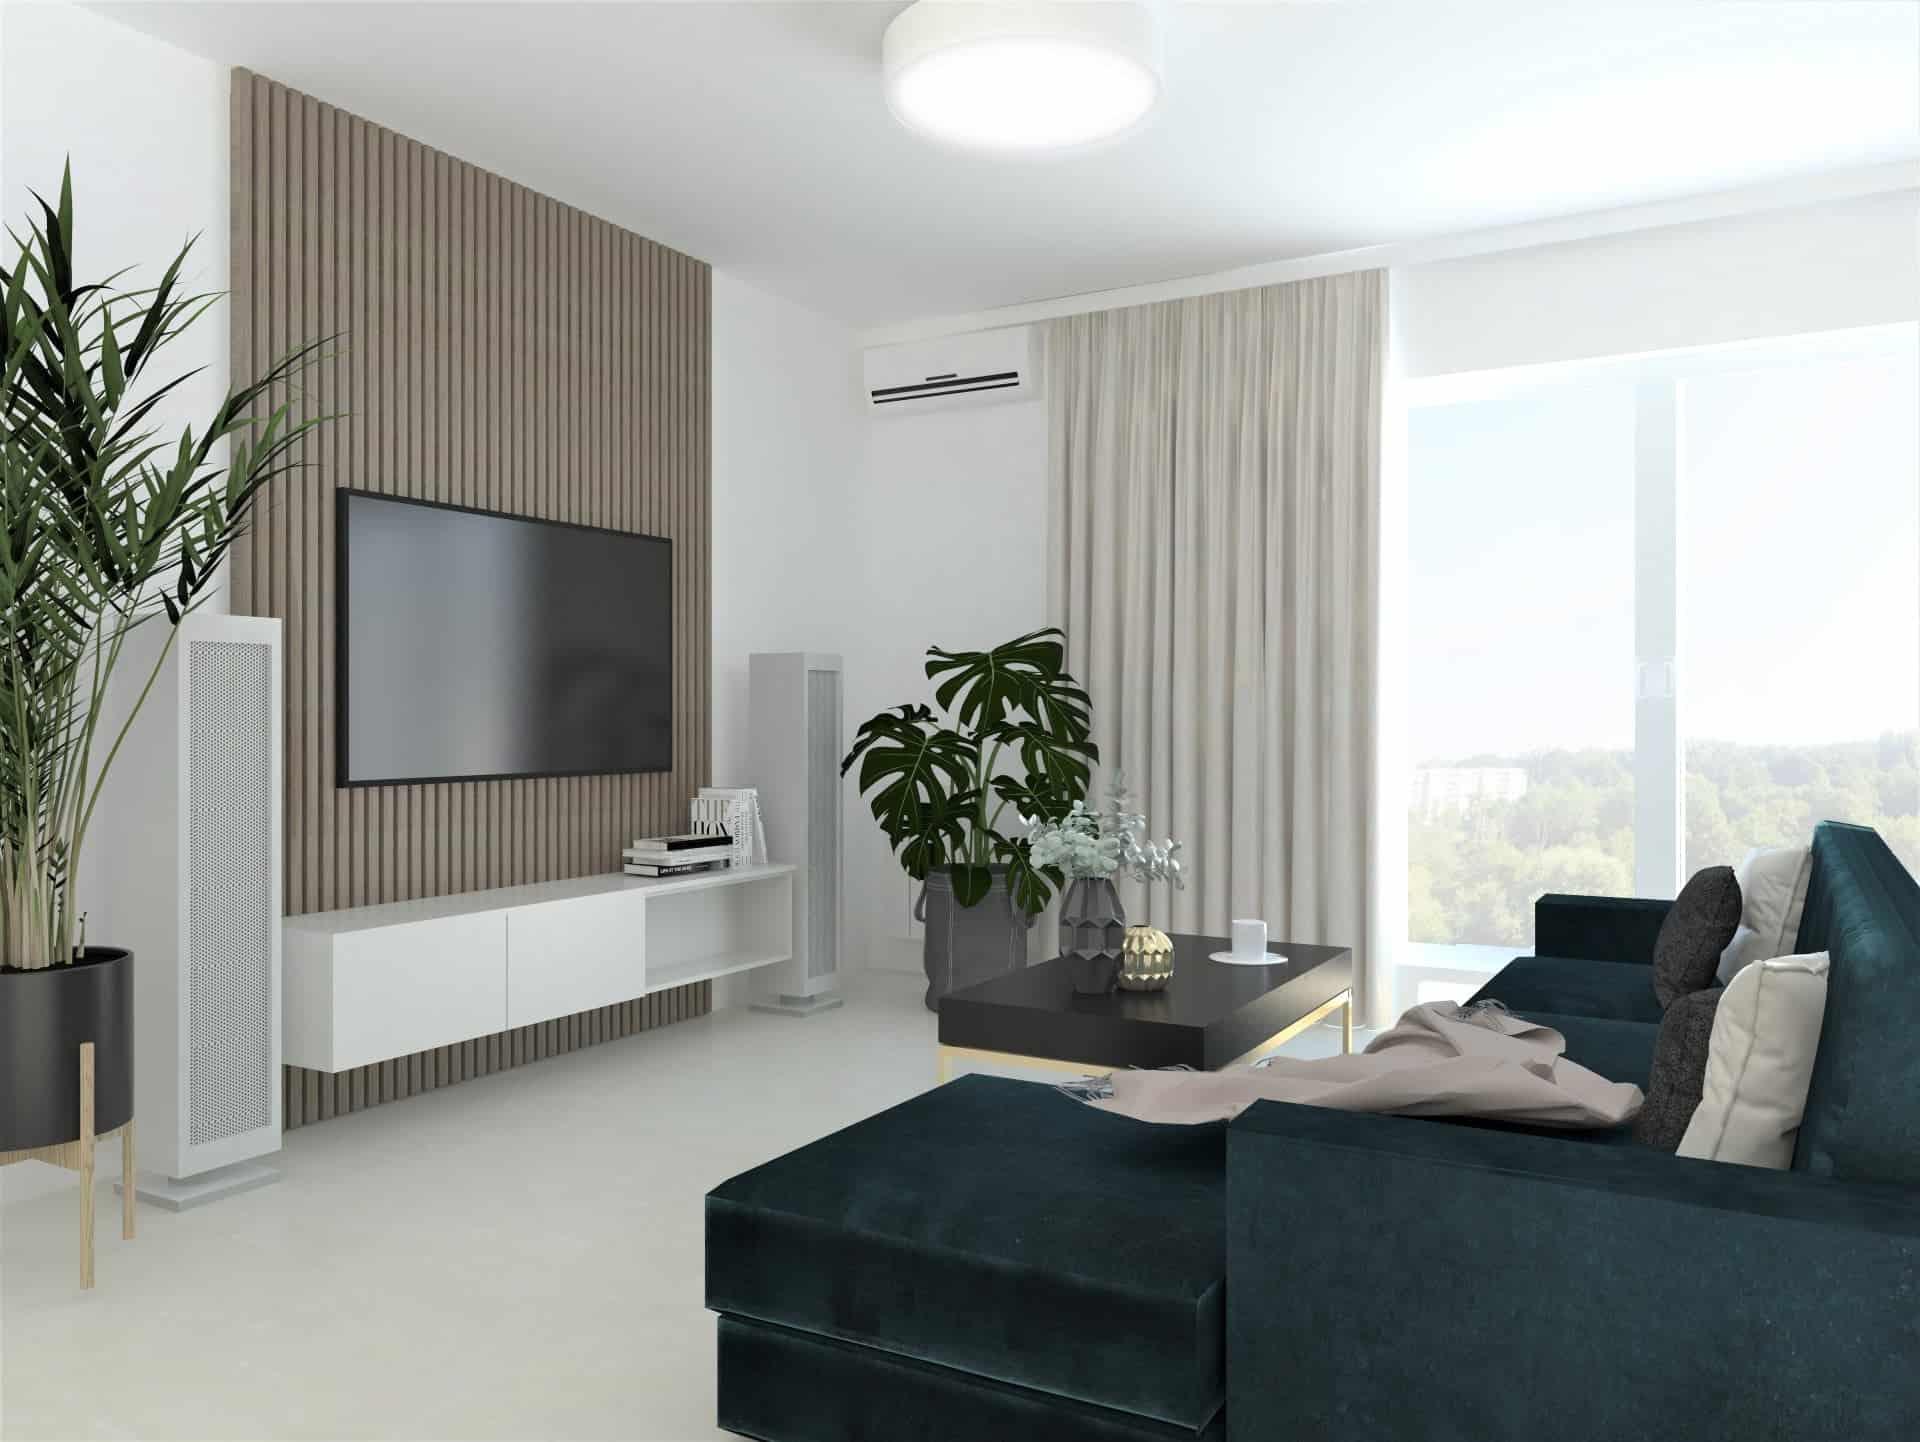 salon z zieloną kanapą 4